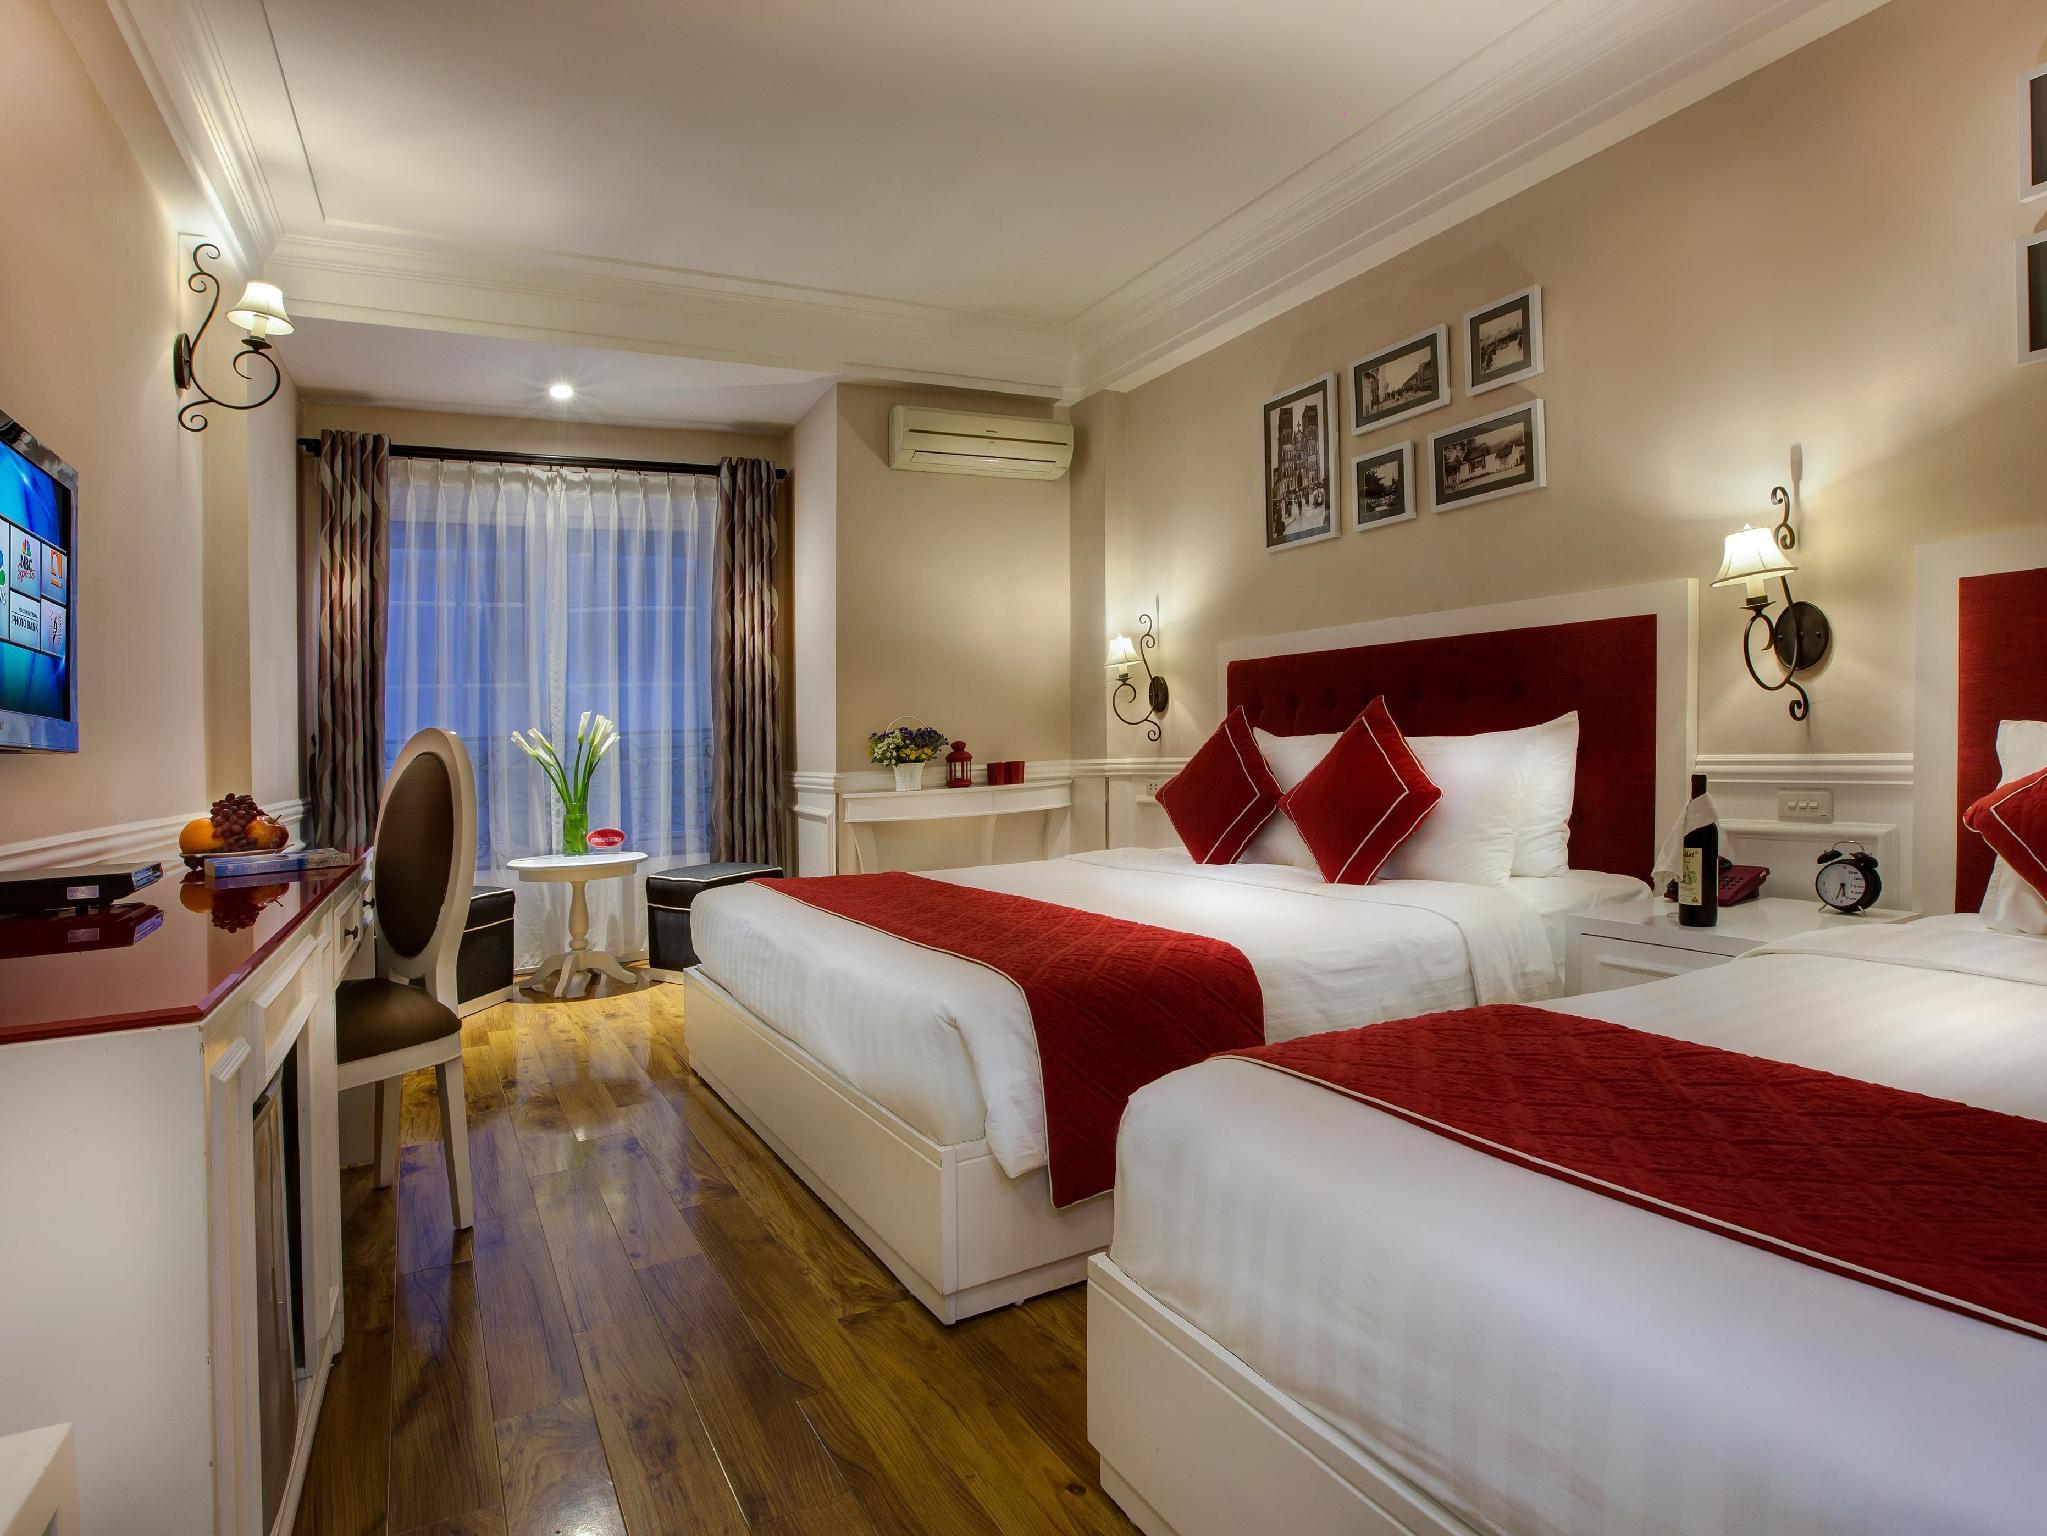 Calypso Legend Hotel - Hotell och Boende i Vietnam , Hanoi